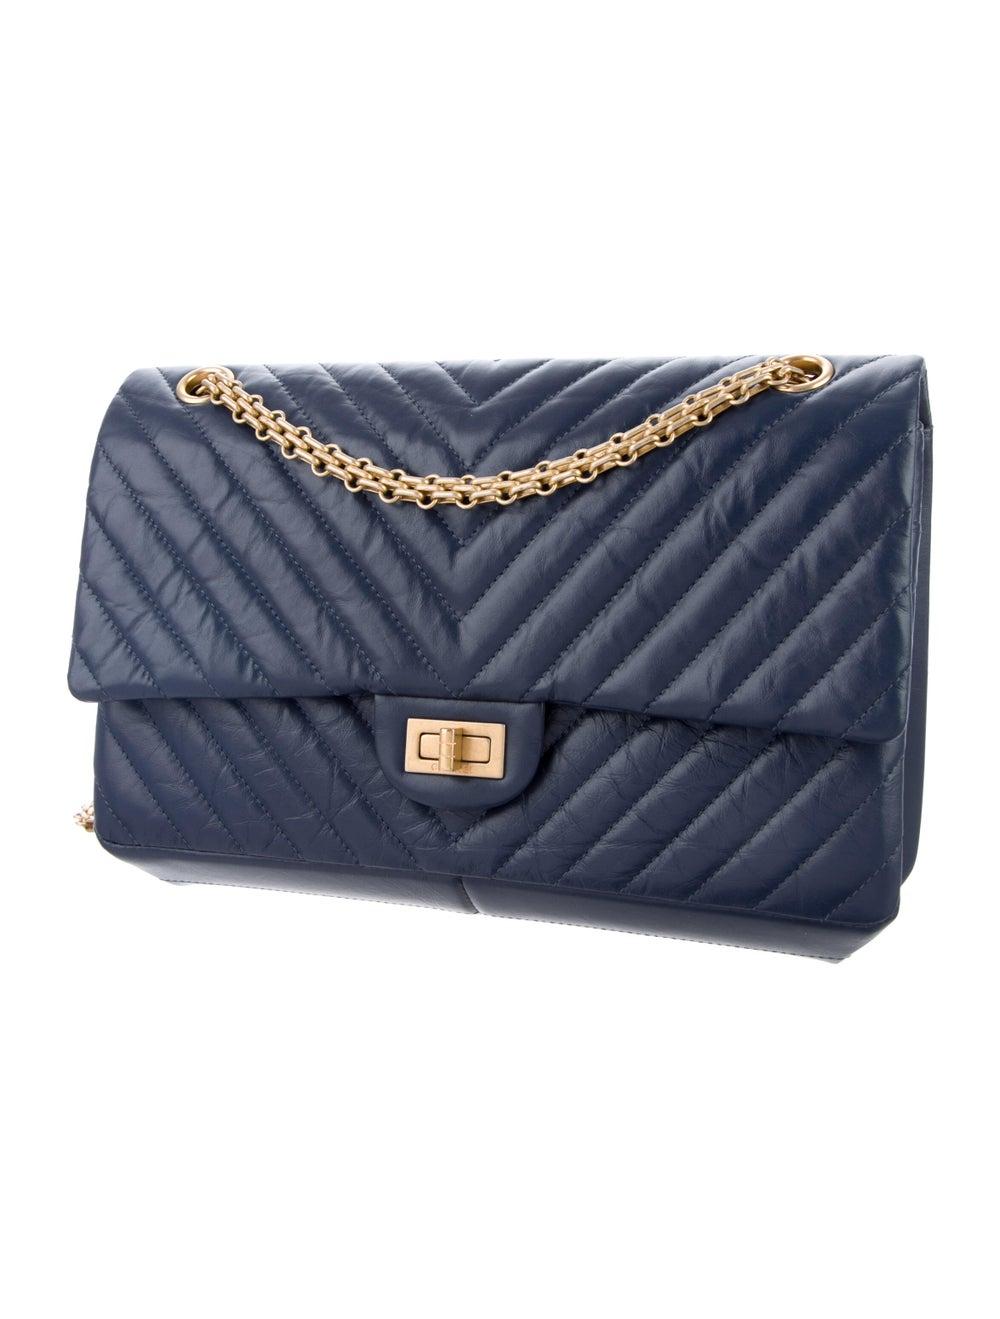 Chanel Chevron Reissue 226 Double Flap Bag Blue - image 3